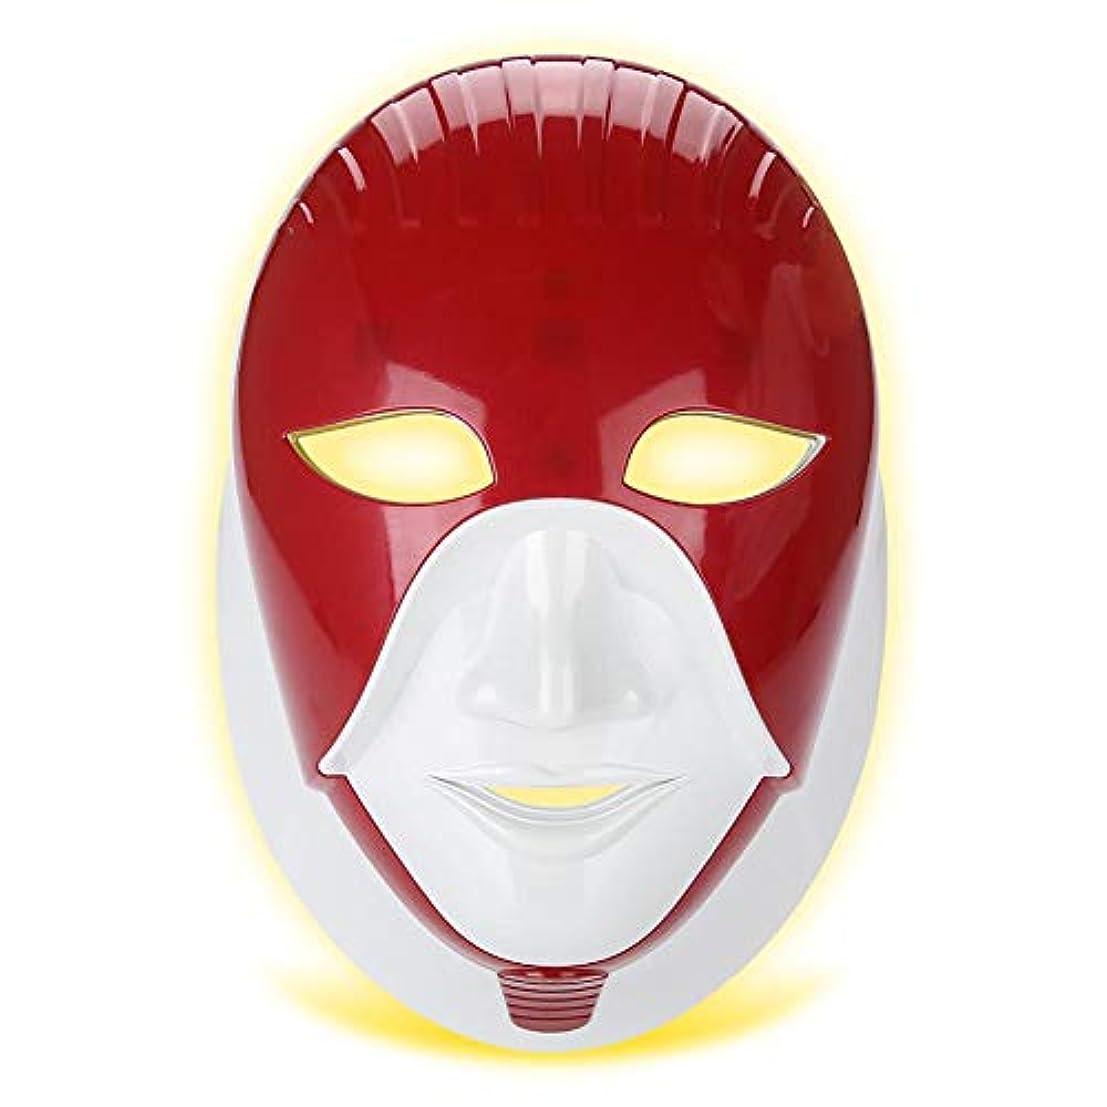 リア王見捨てる栄光LEDフェイシャルネックマスク、滑らかな肌のより良いのための7色のネオン - 輝くライトフェイスケア美容ツール、肌のリラクゼーショング、引き締め、調色、引き締まった肌、瑕疵び、美白(02#)